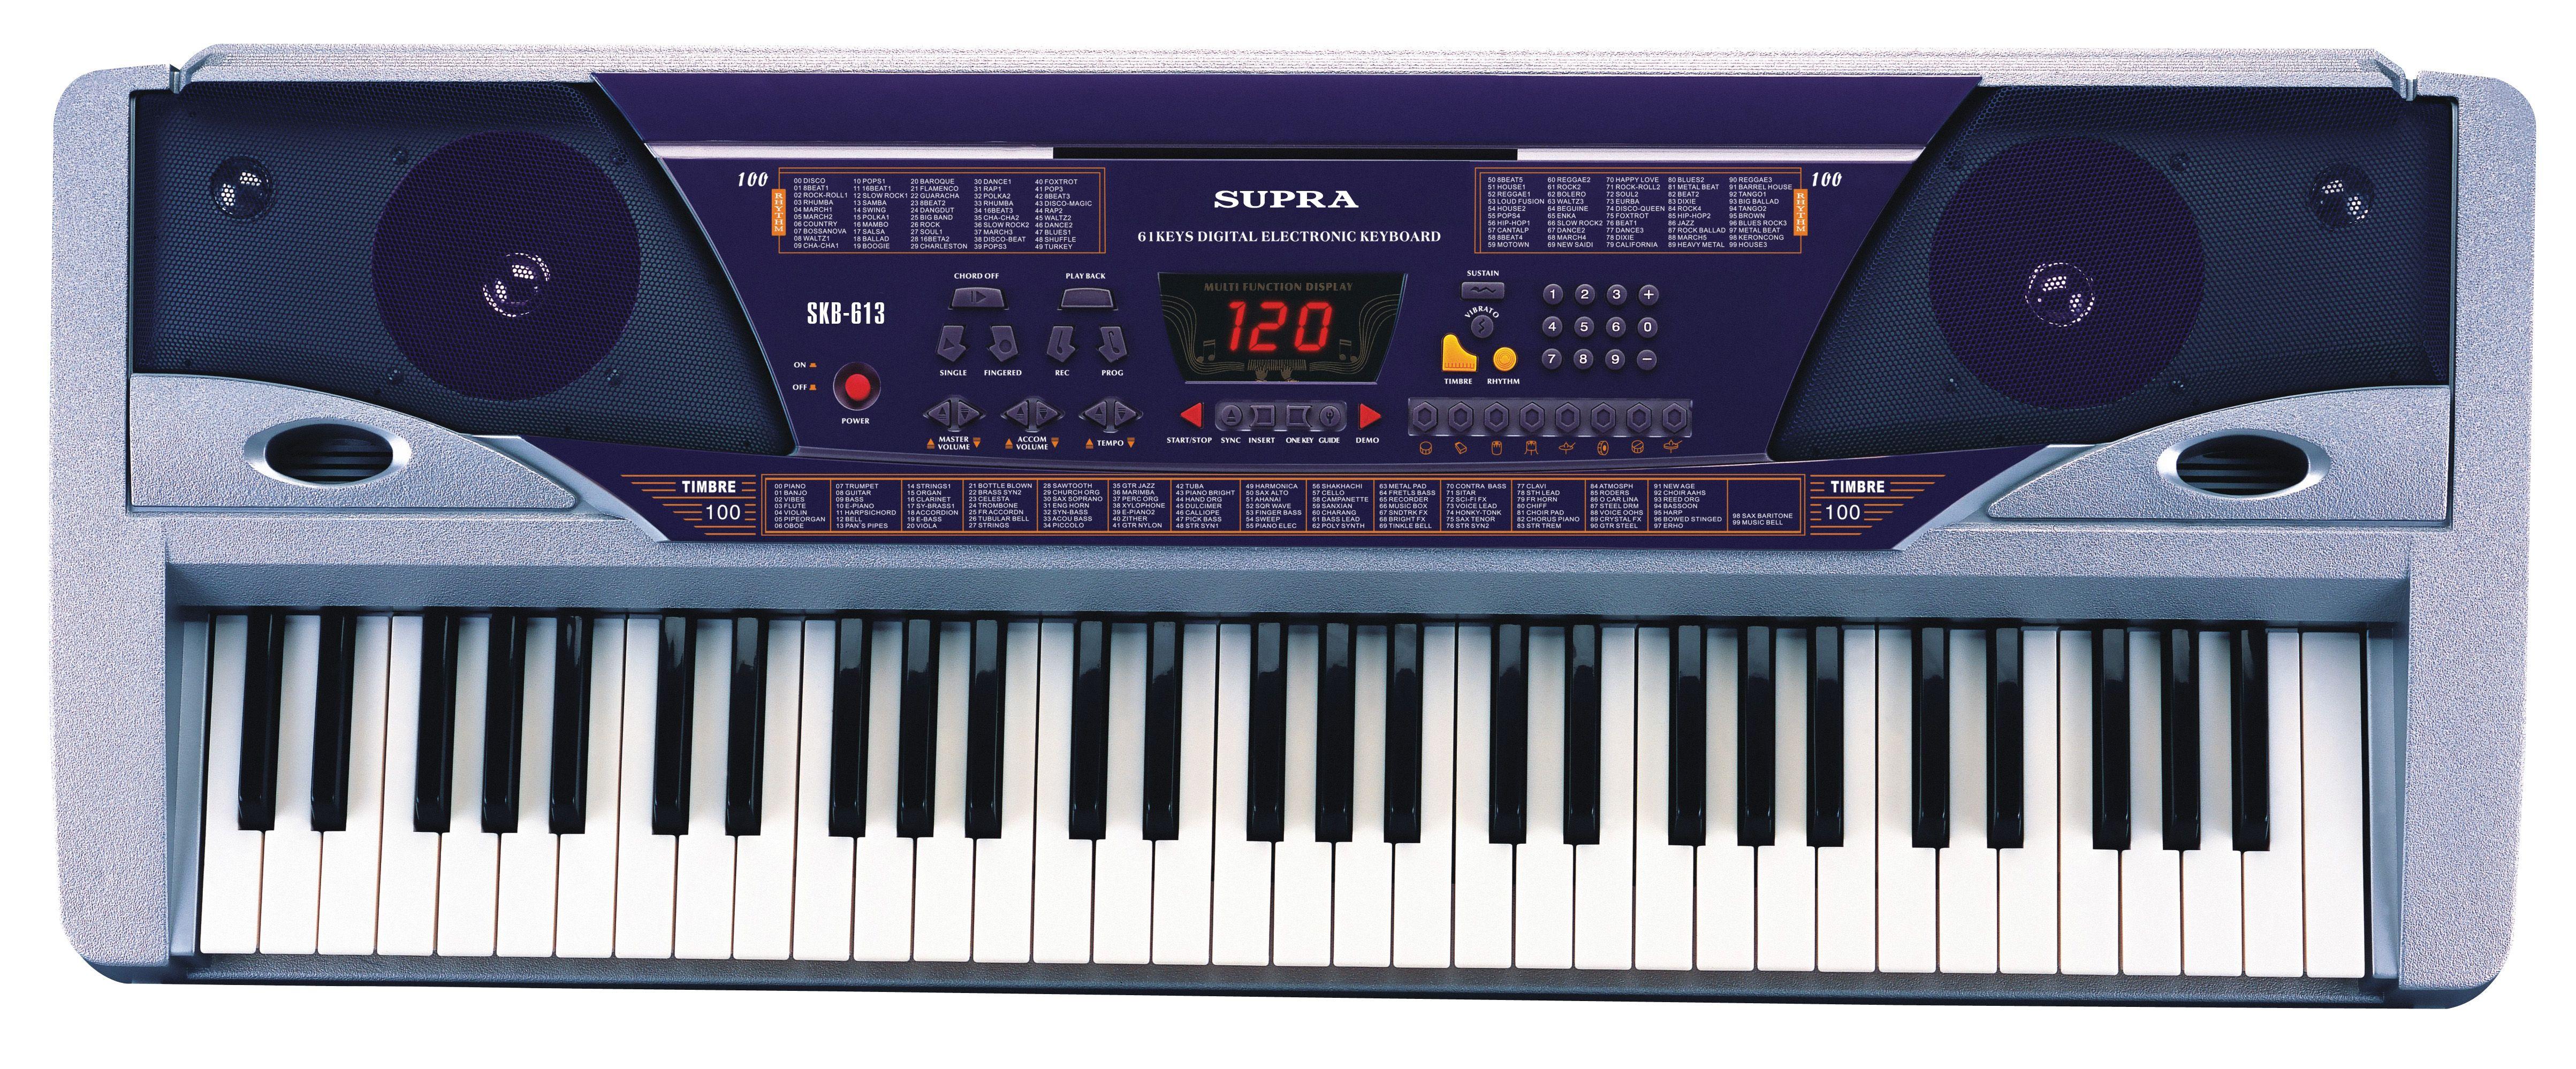 электронное пианино супра skb-613 инструкция по применению